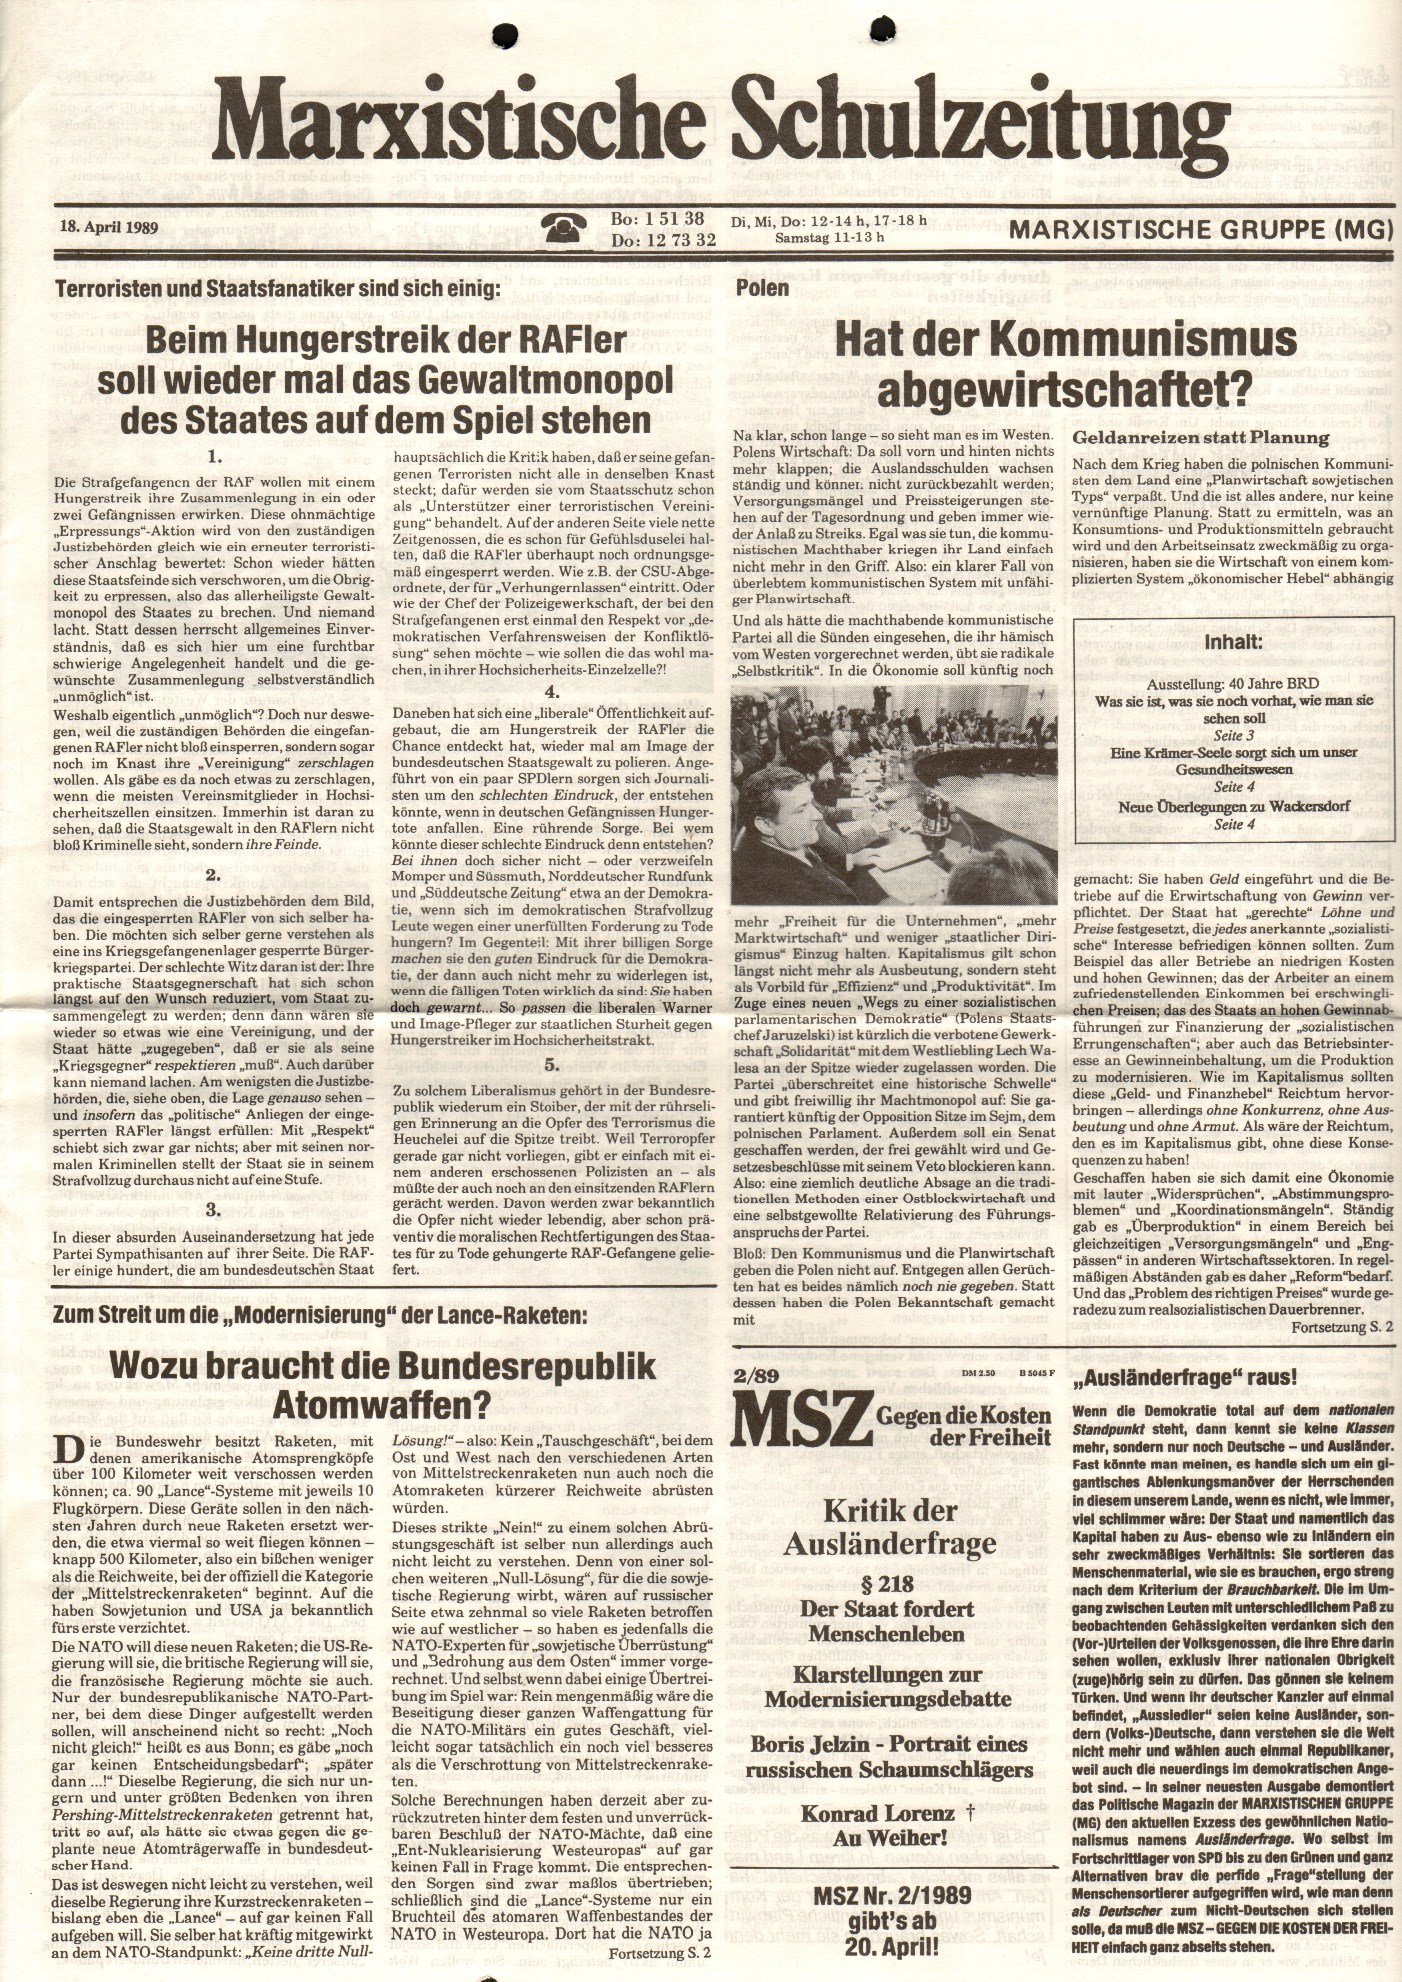 Ruhrgebiet_MG_Marxistische_Schulzeitung_19890418_01